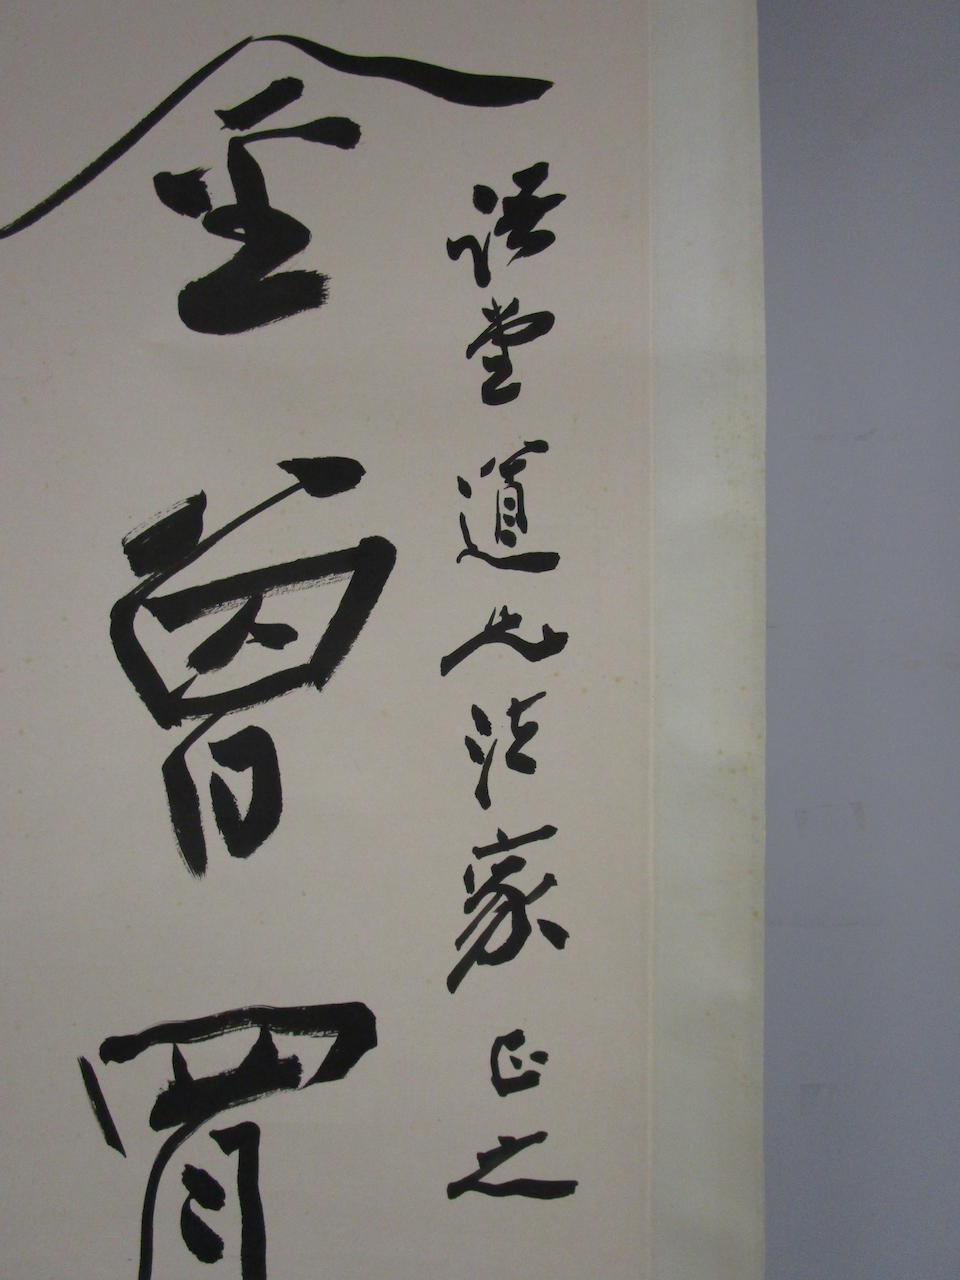 Zhang Daqian (1899-1983) Couplet of Calligraphy in Cursive Script, 1948